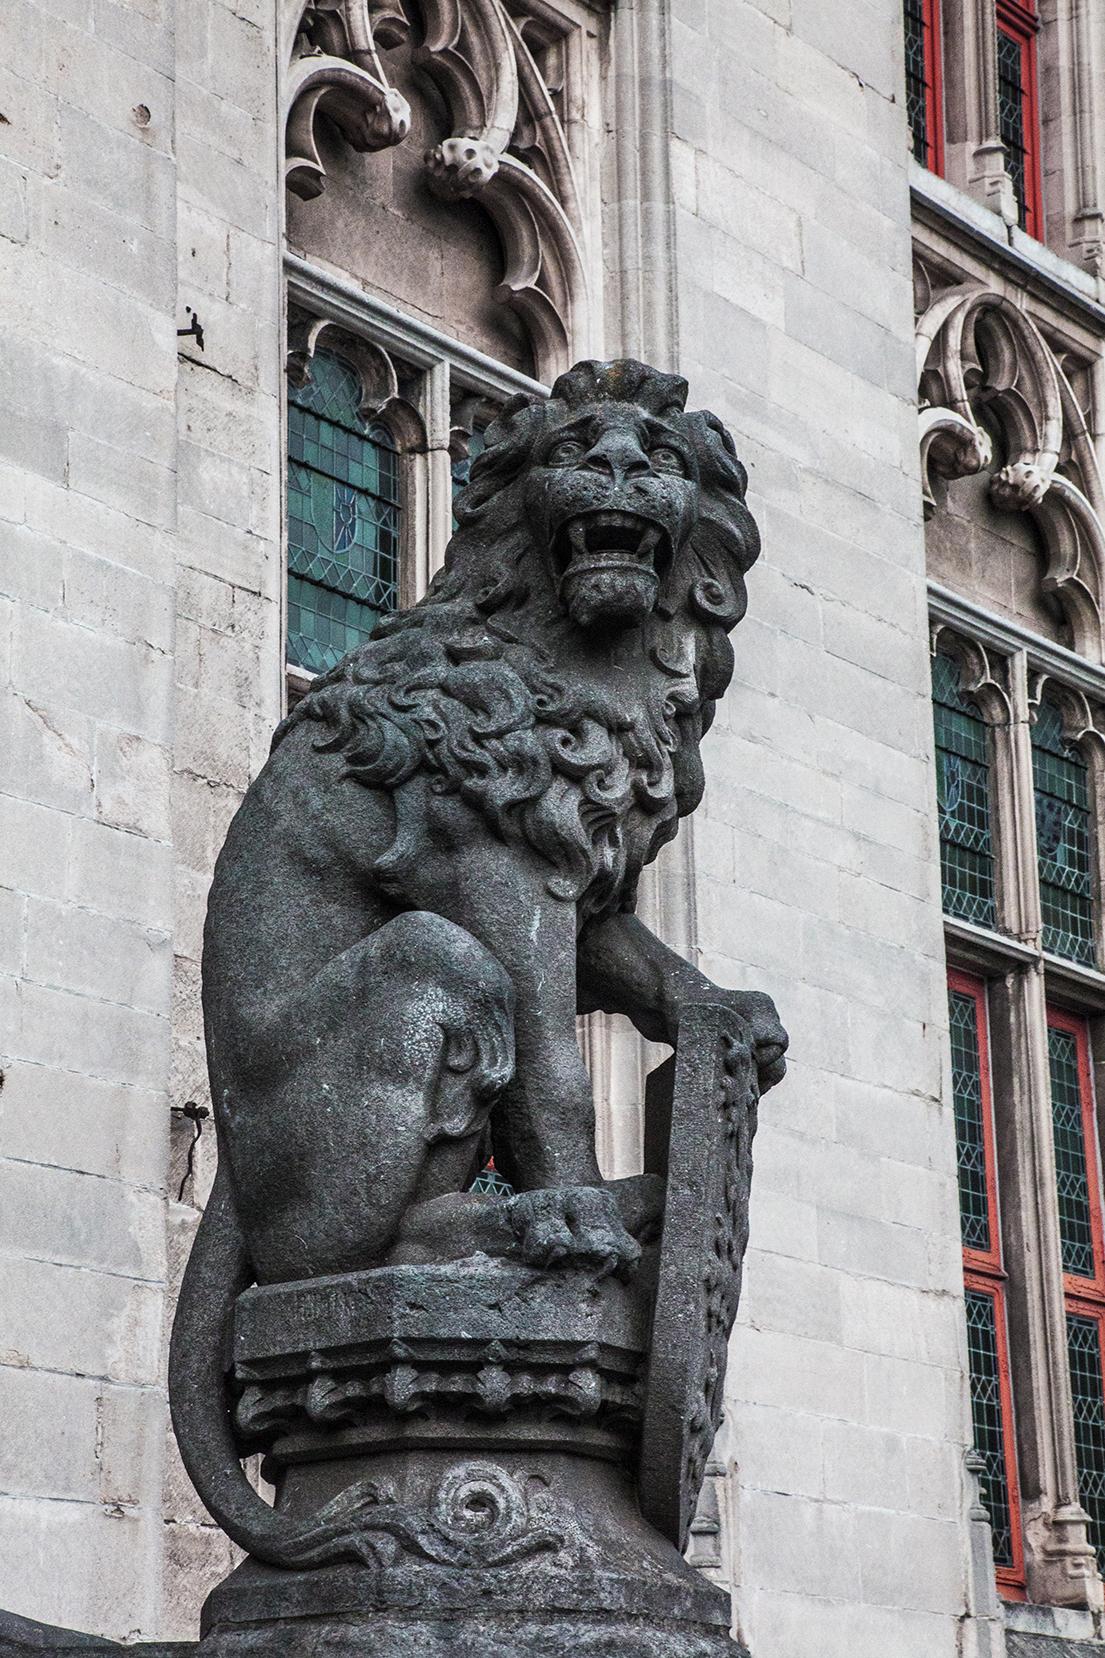 This lion lacks confidence